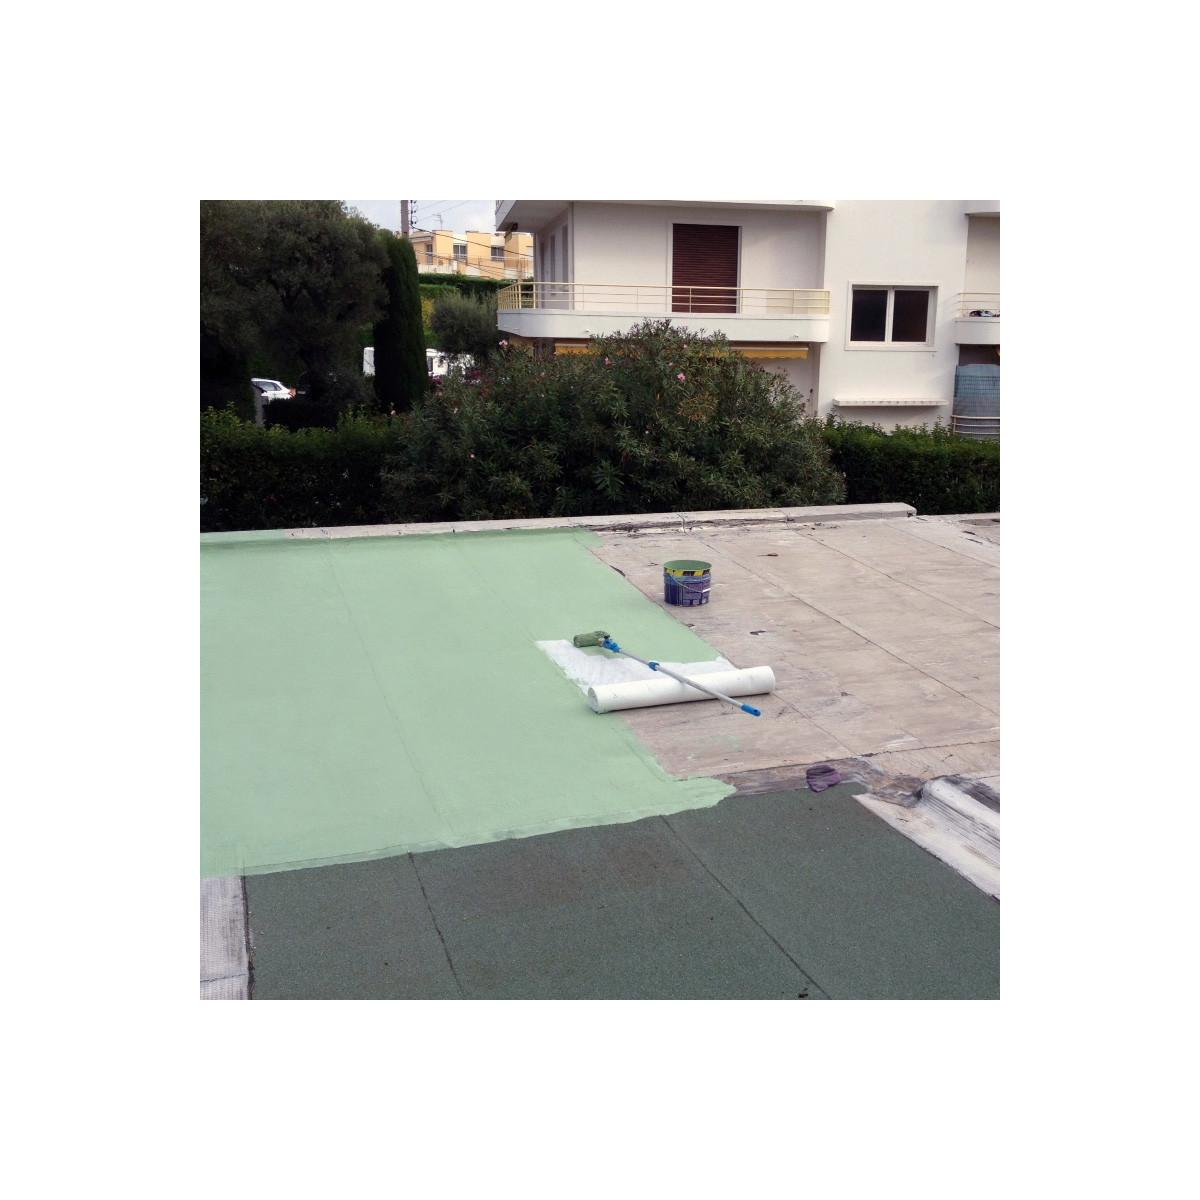 Peinture Terrasse Pour Etancheite Exterieure Arcaterrasse Maison Etanche